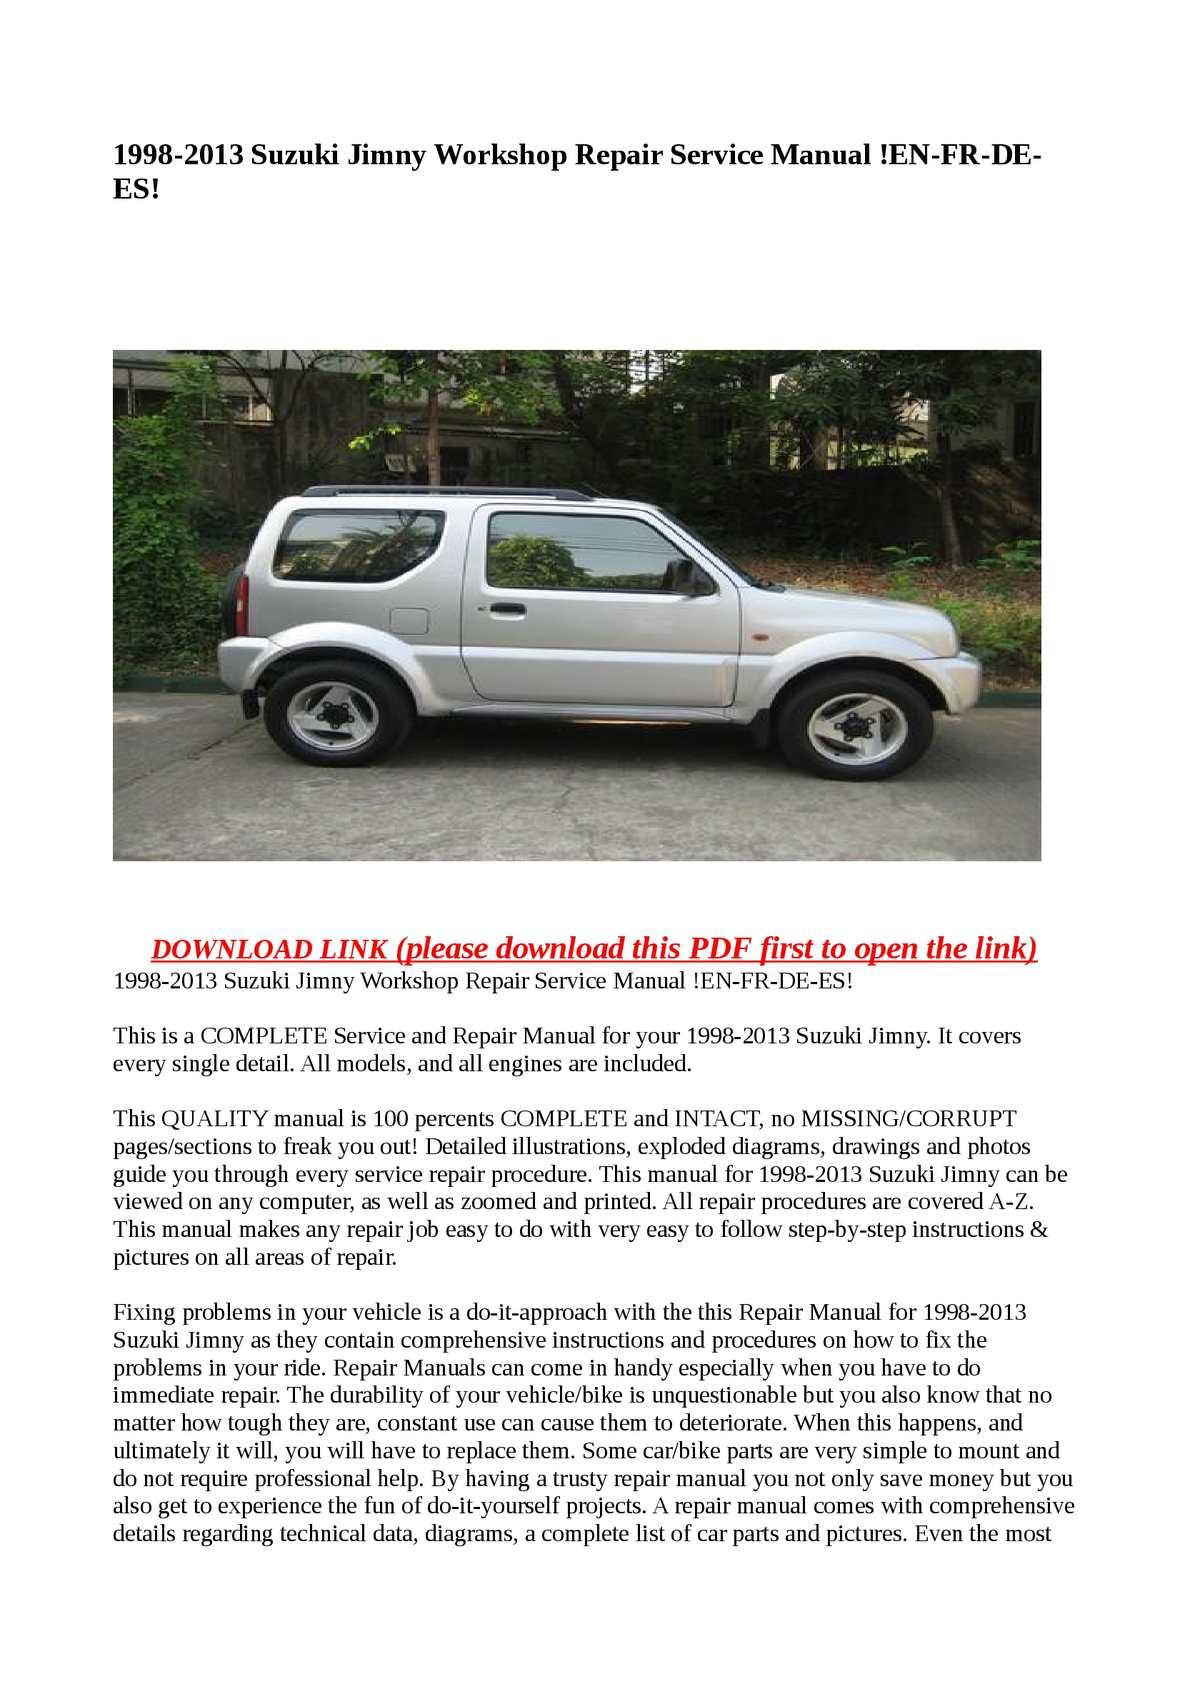 Calaméo - 1998-2013 Suzuki Jimny Workshop Repair Service Manual  !EN-FR-DE-ES!